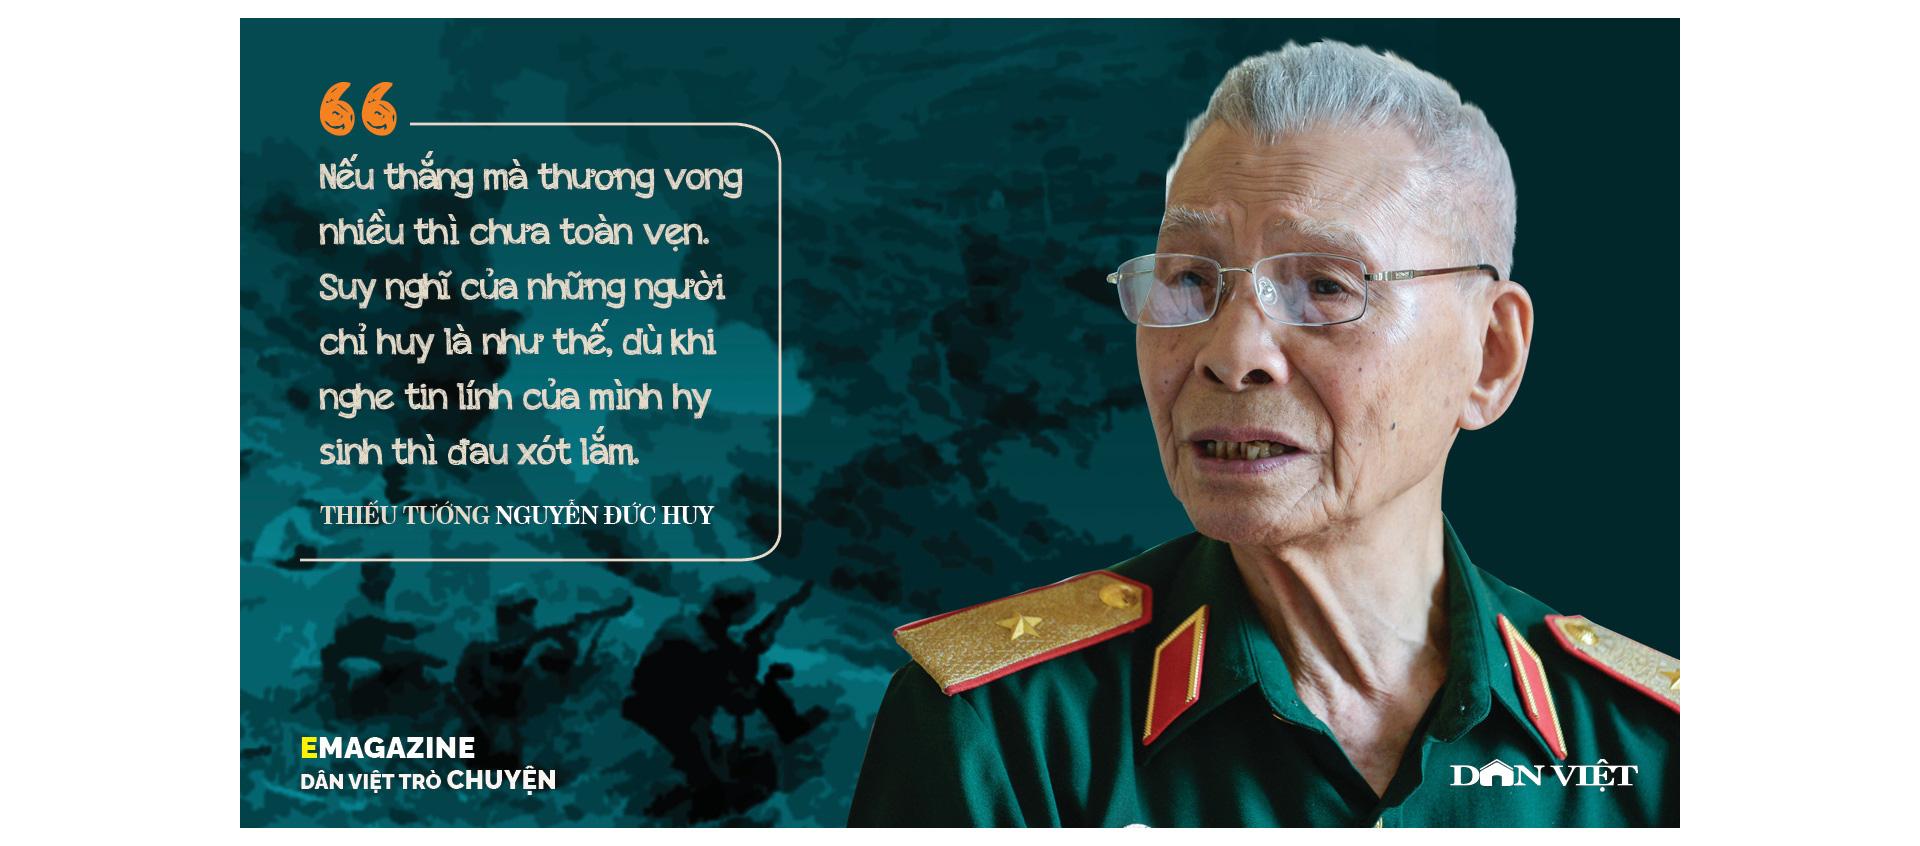 """Thiếu tướng Nguyễn Đức Huy: Vị tướng đi qua 3 cuộc chiến và nỗi sợ """"sự quyến rũ thầm lặng thời bình"""" - Ảnh 7."""